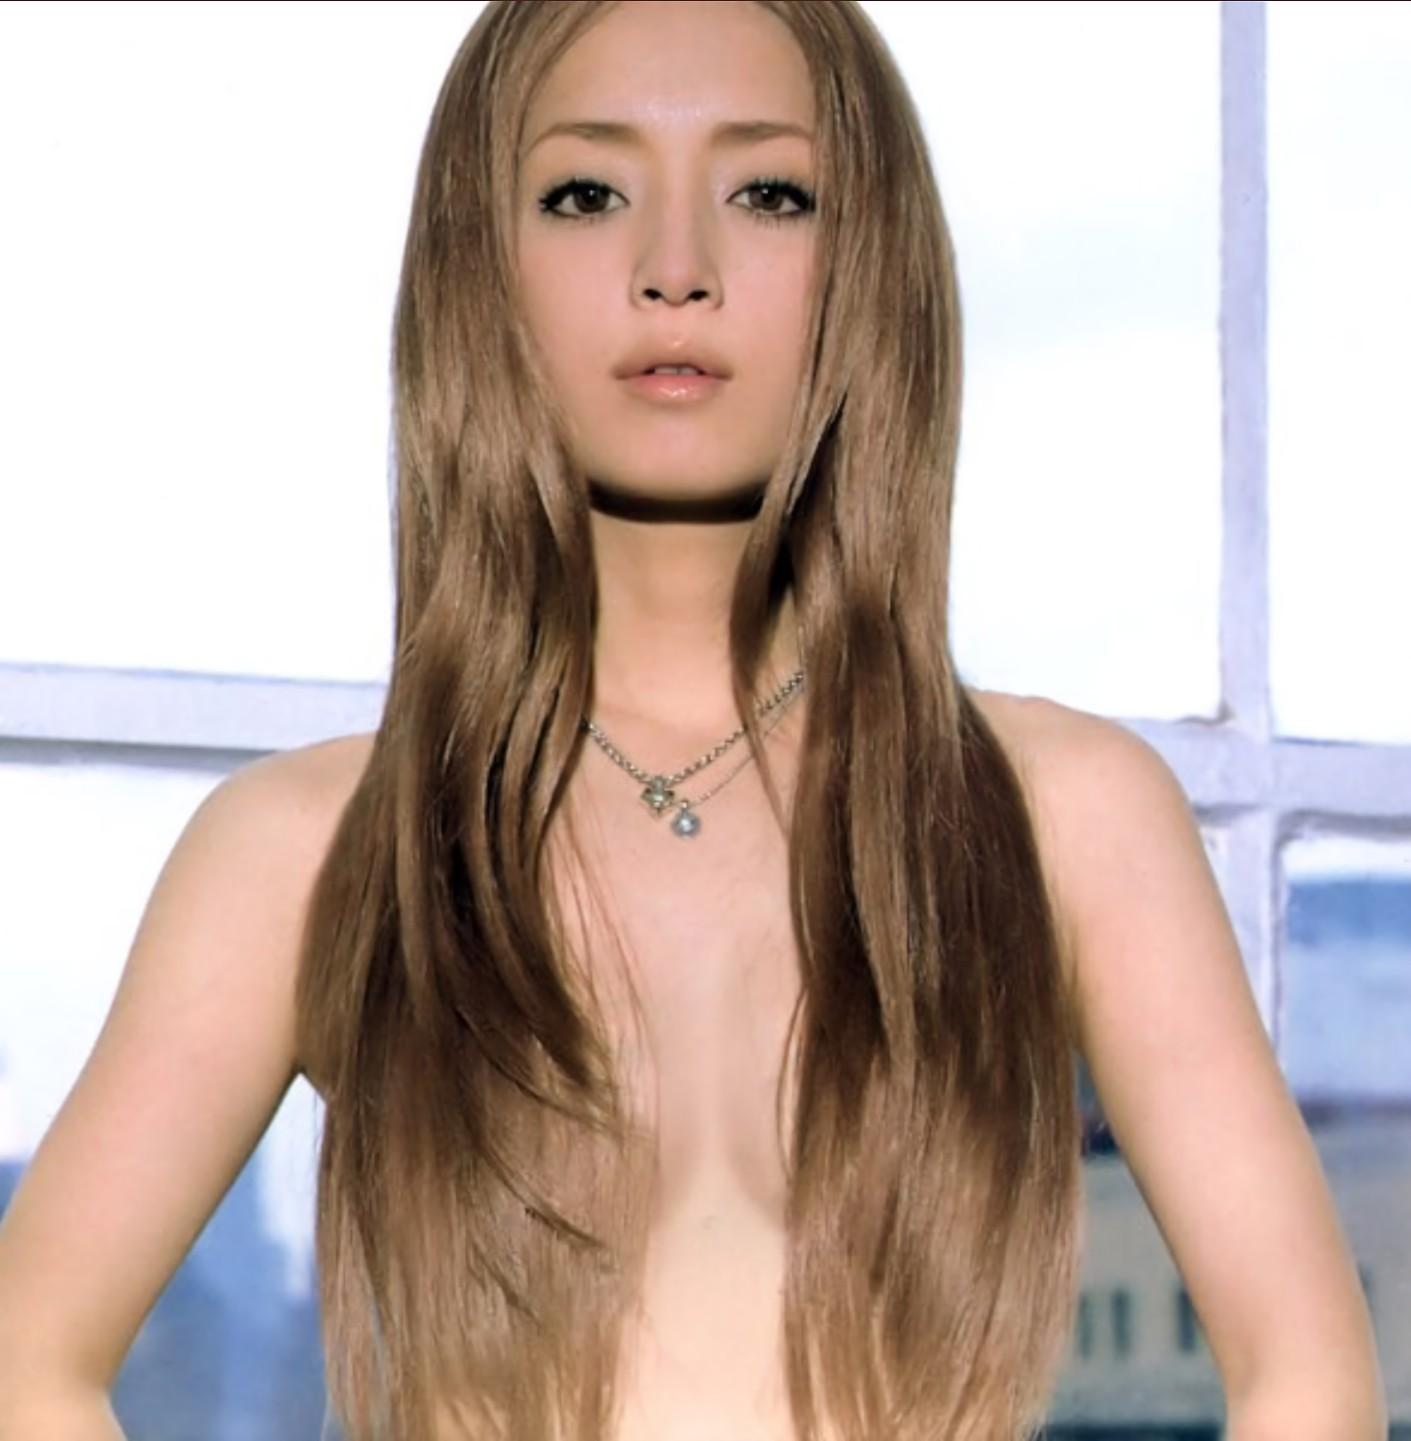 三次元 3次元 エロ画像 ヌード 髪で乳首を隠す おっぱい べっぴん娘通信 30